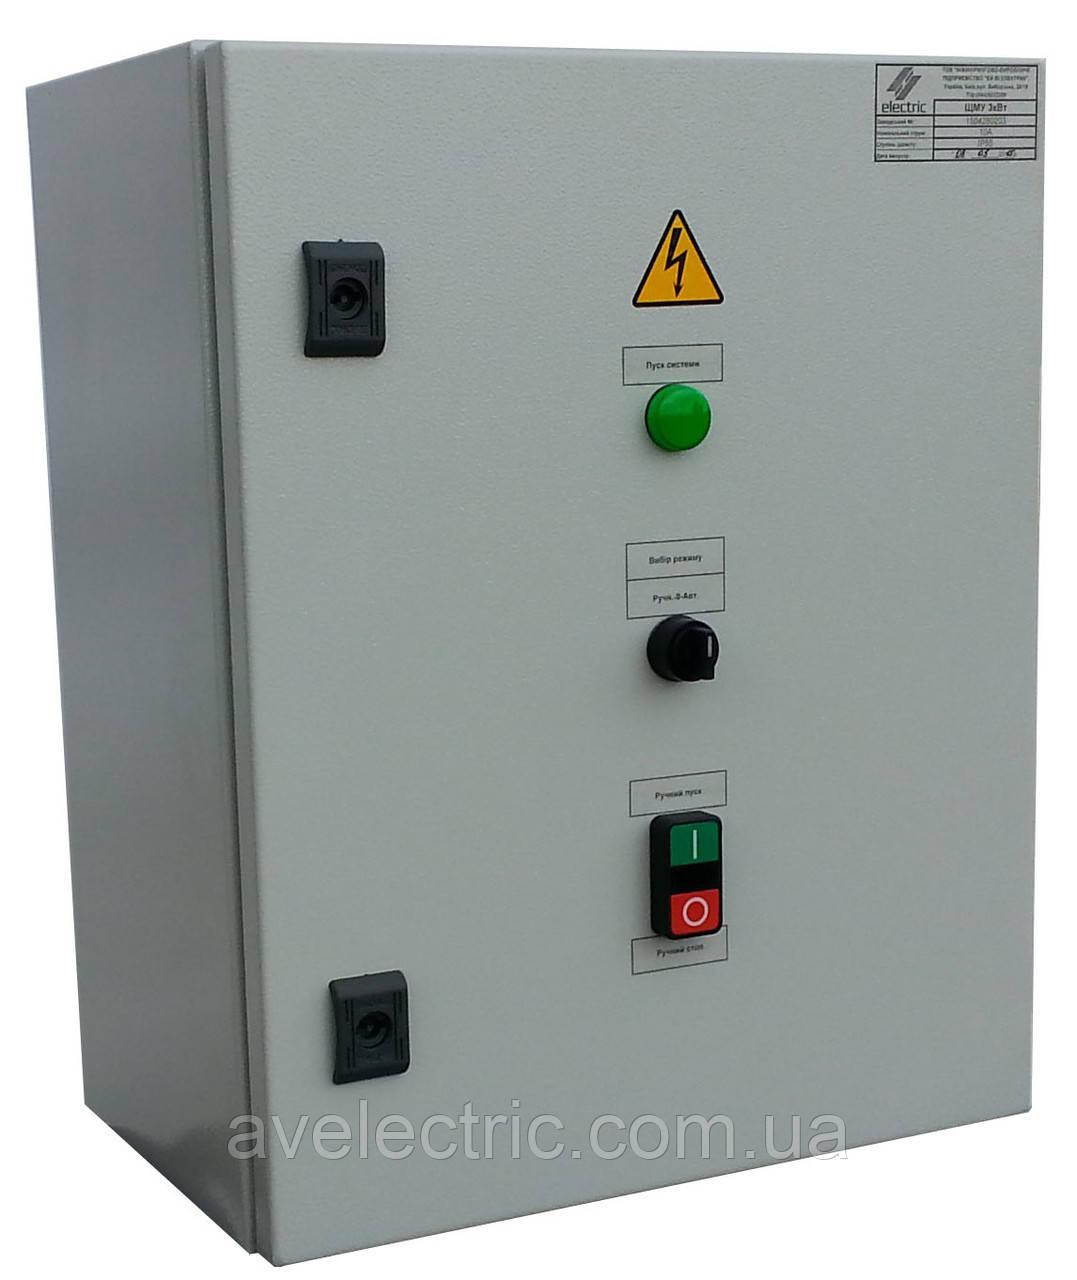 Ящик управления электродвигателем Я5411-3774-54У3